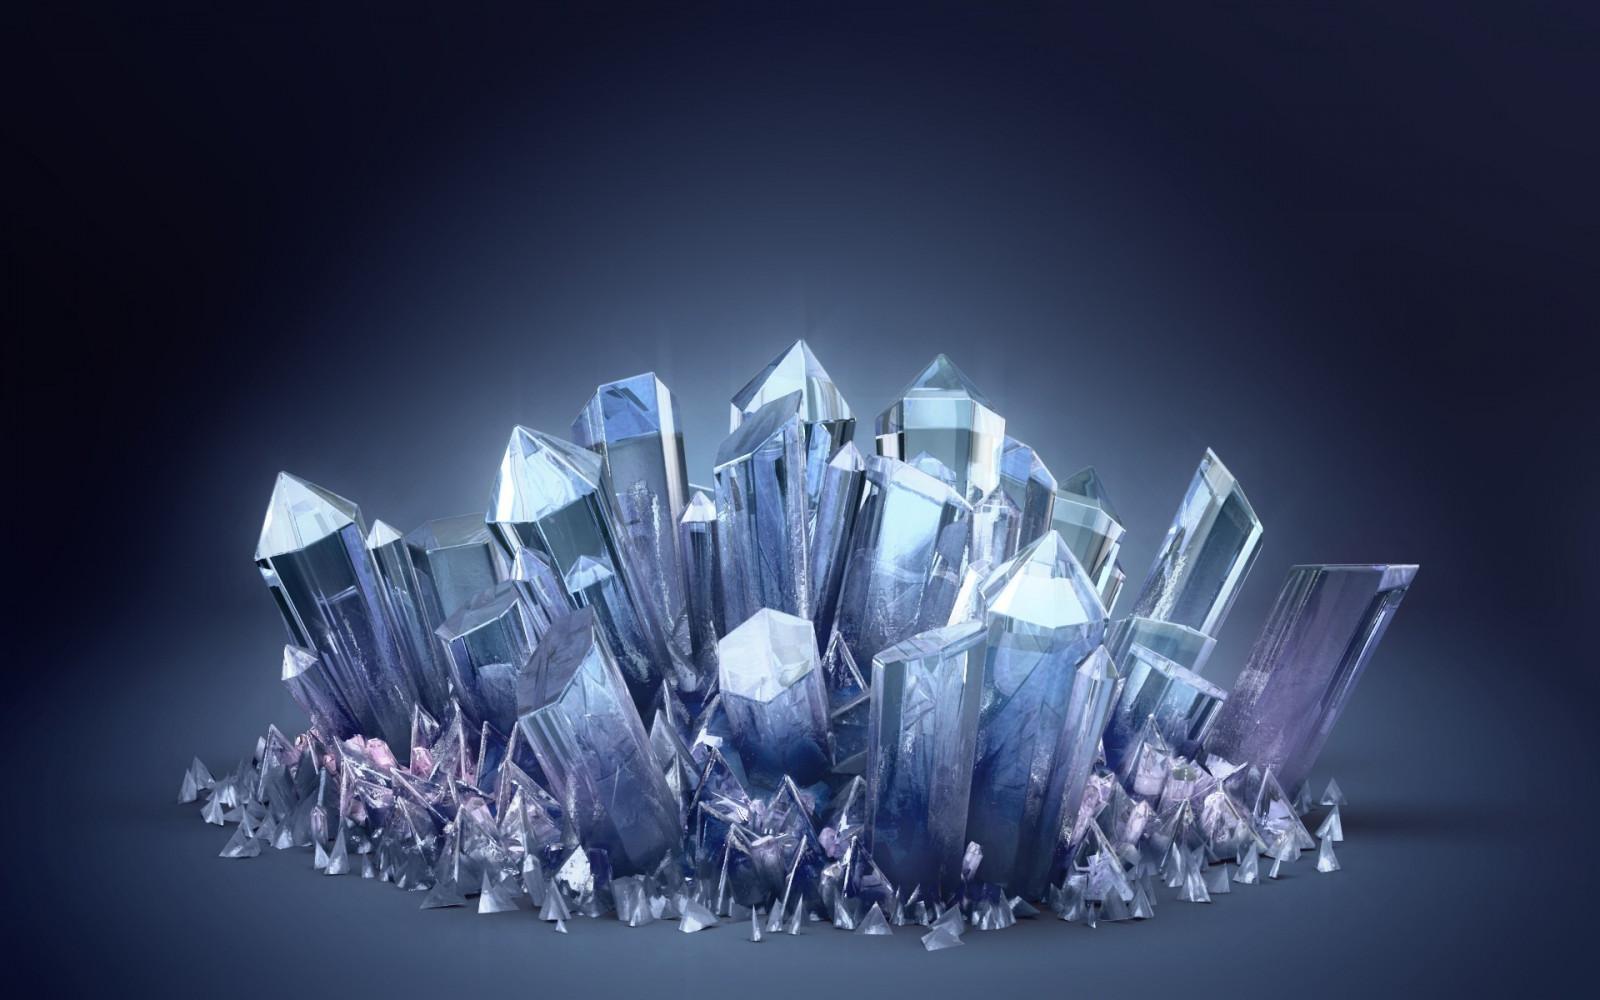 Crystal Wallpaper For Walls: Papel De Parede : Azul, Geometria, Cristal, Química, Luz